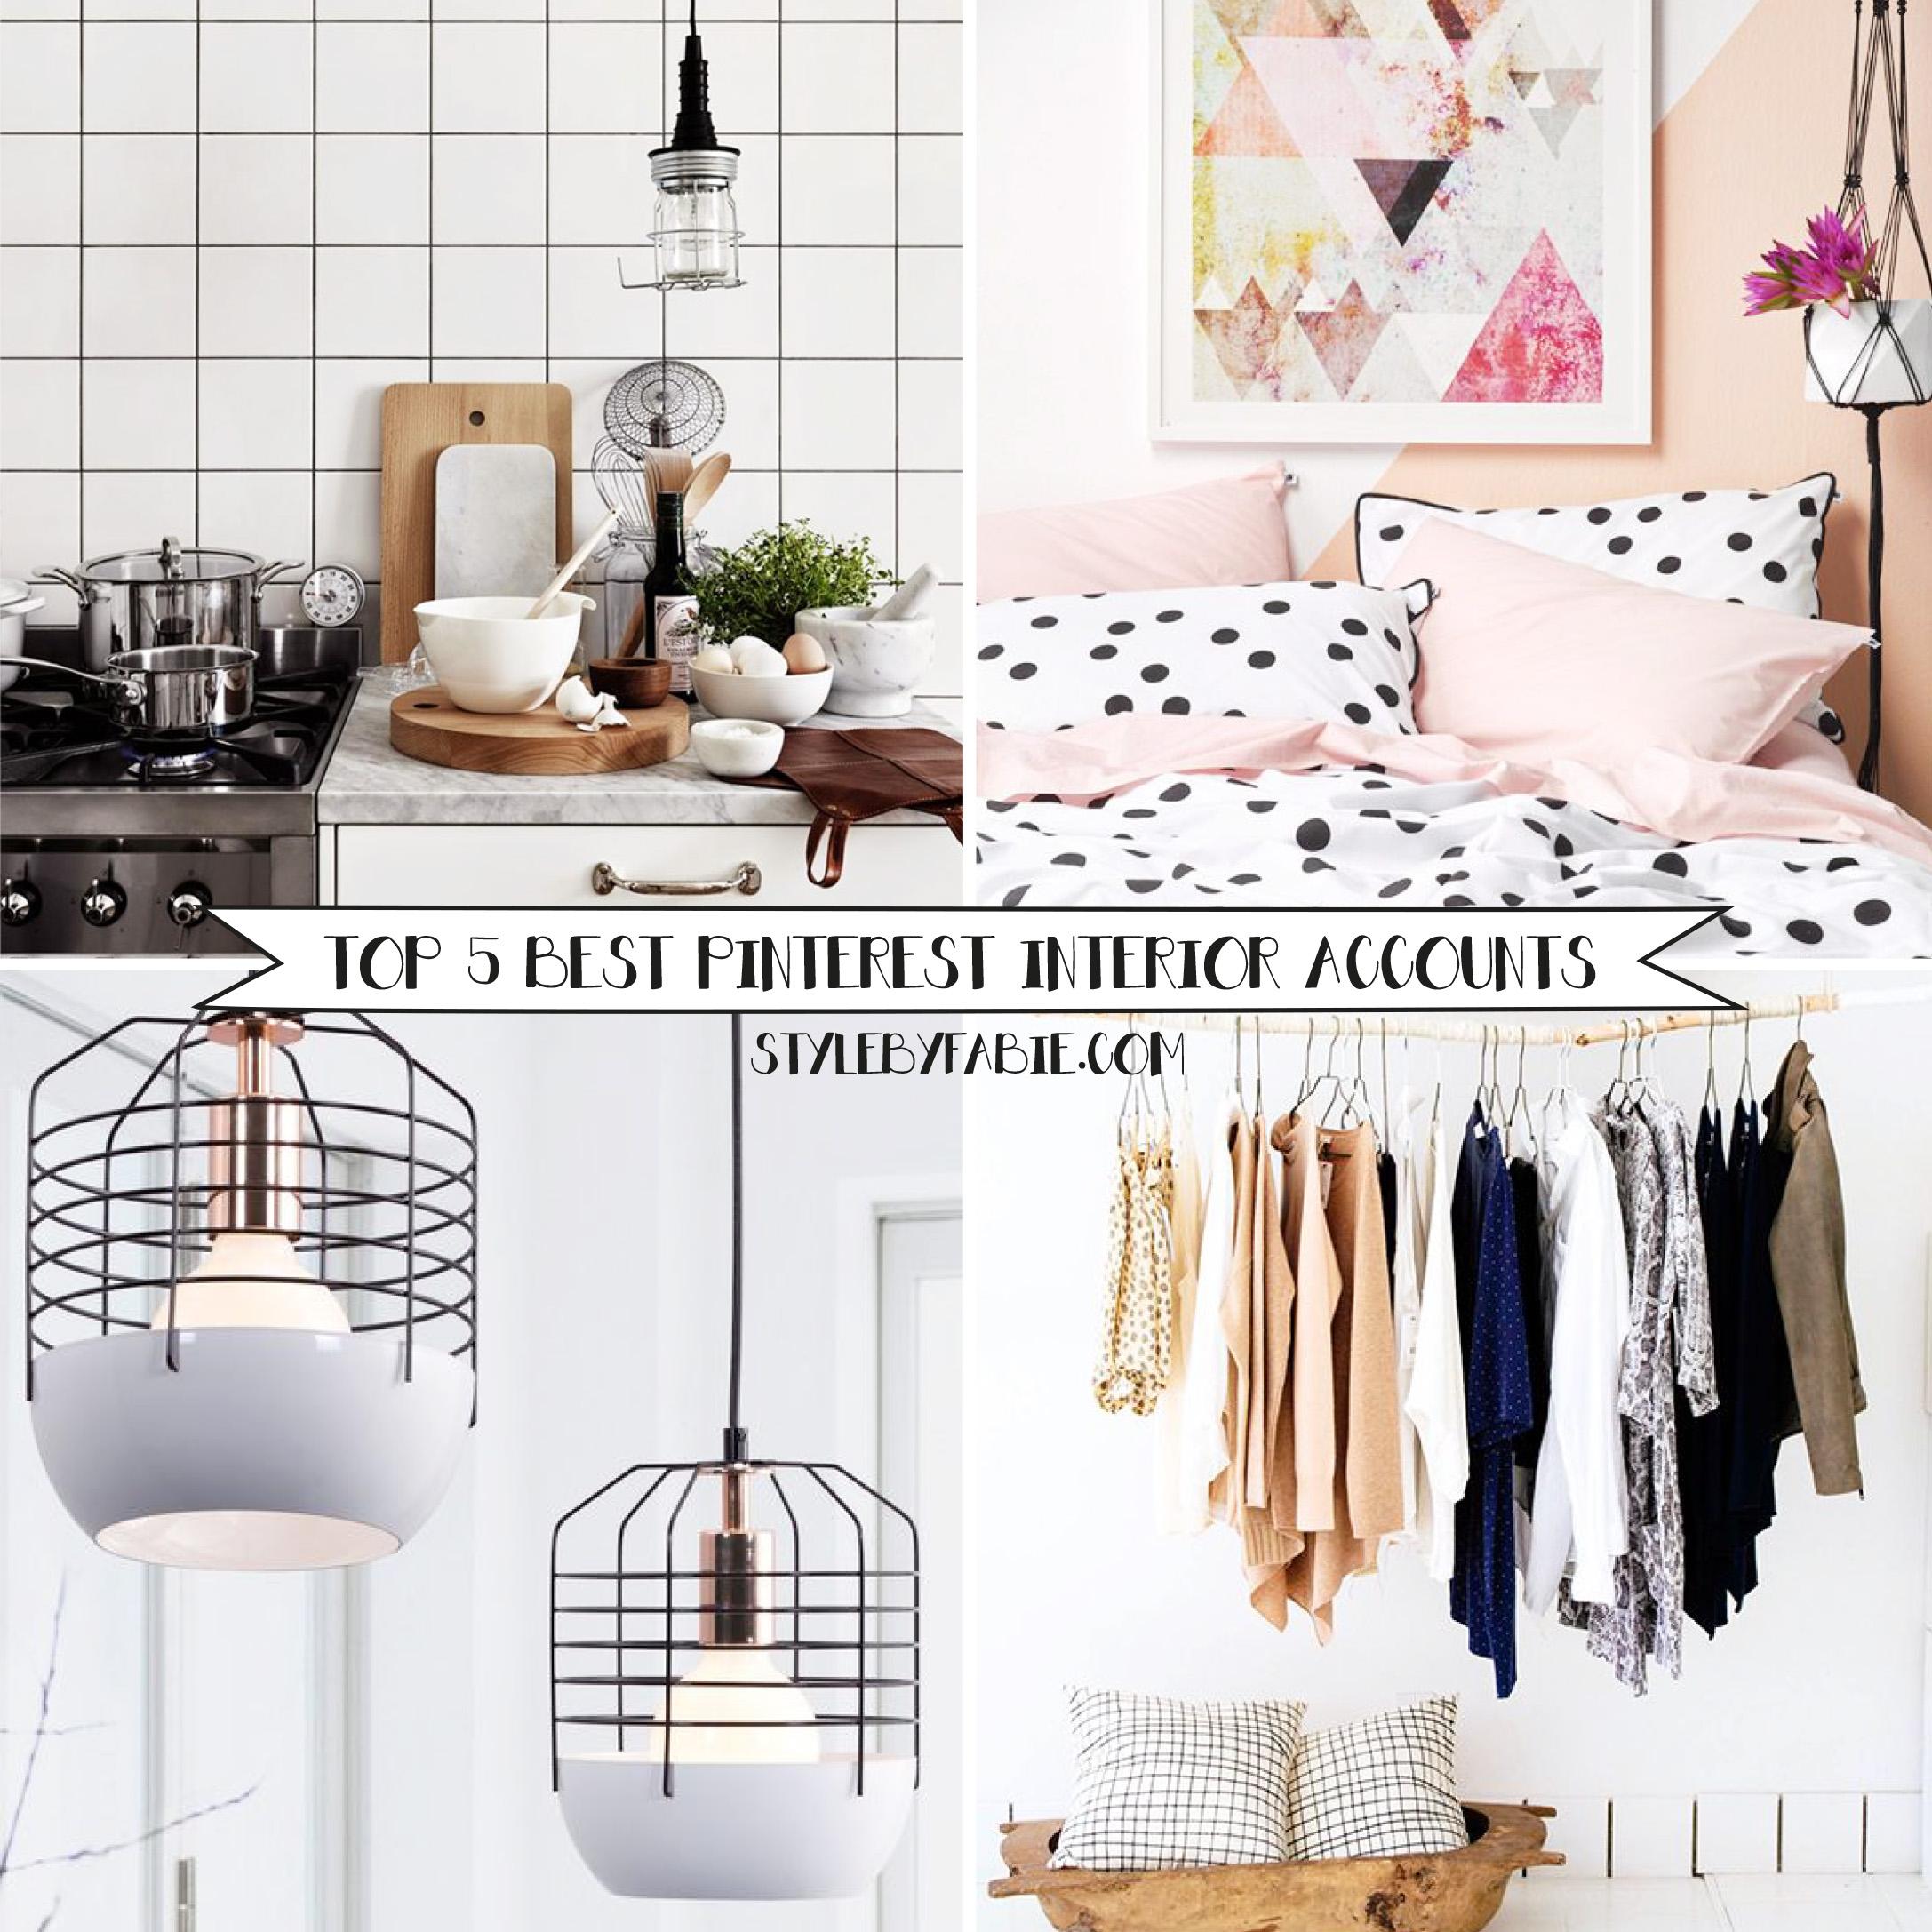 Top 5 best Pinterest interior accounts